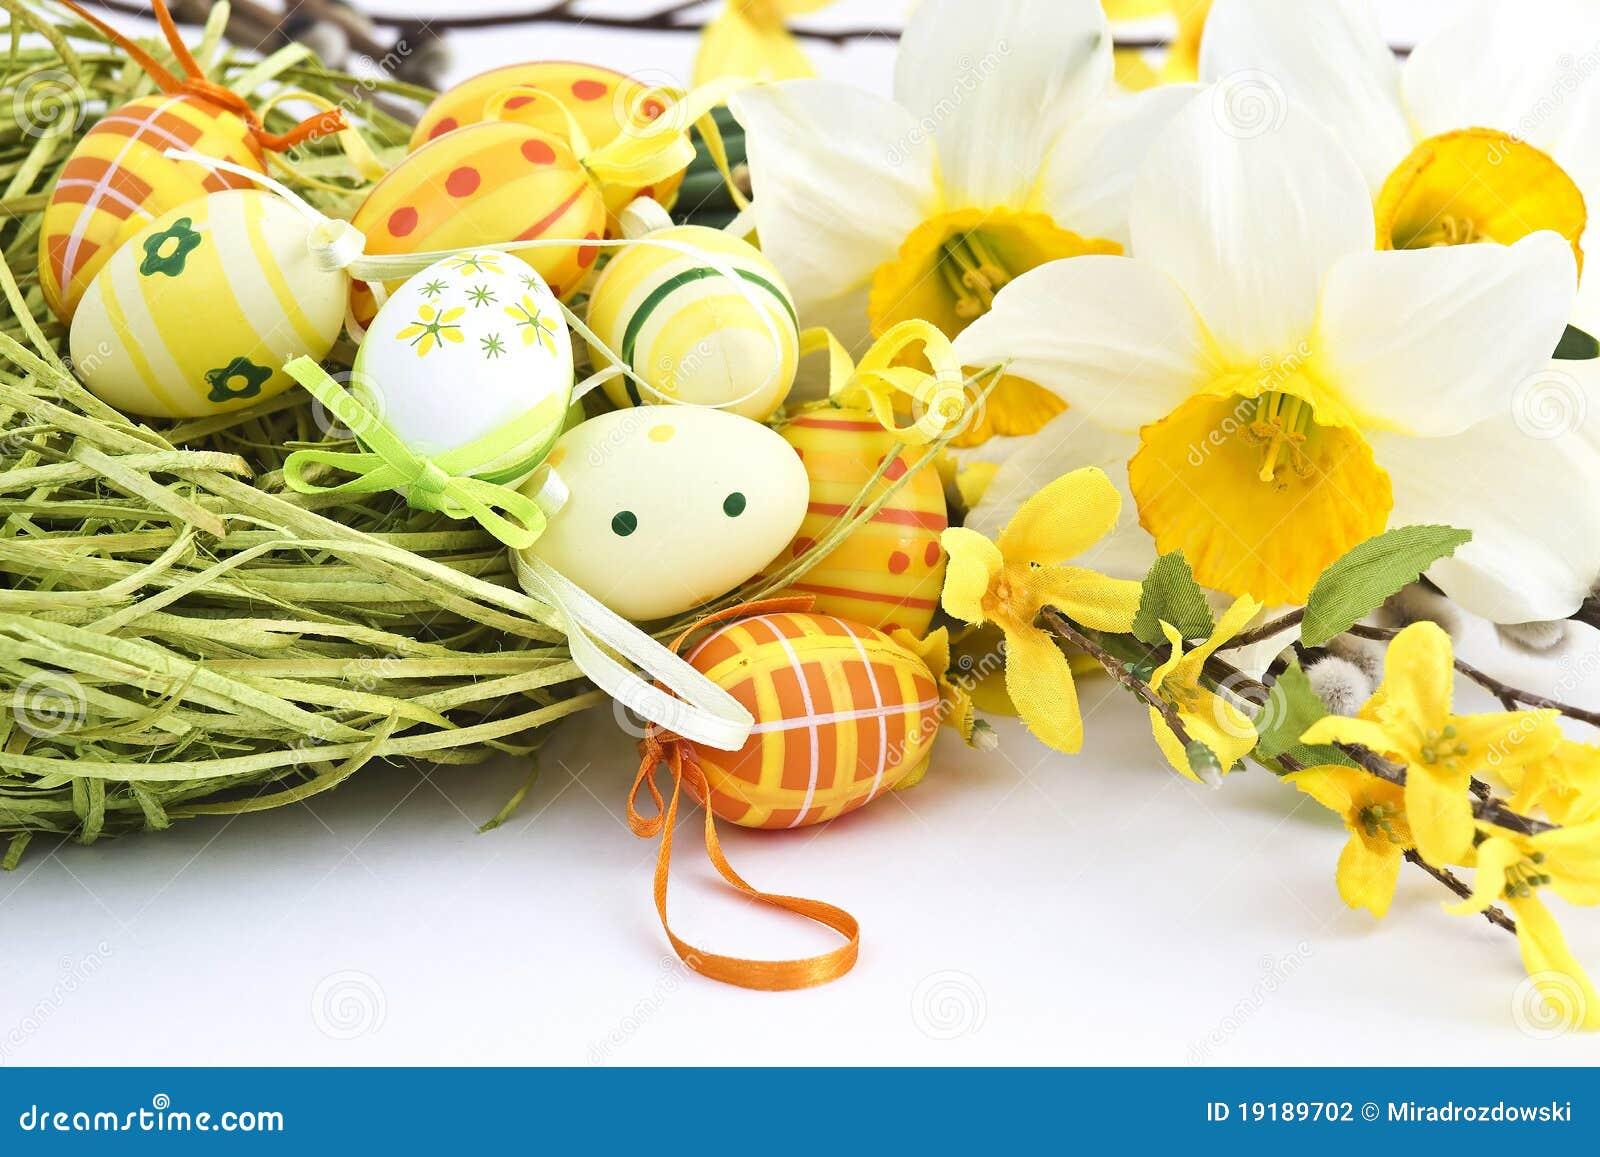 De decoratie van pasen stock fotografie afbeelding 19189702 - Decoratie geel ...